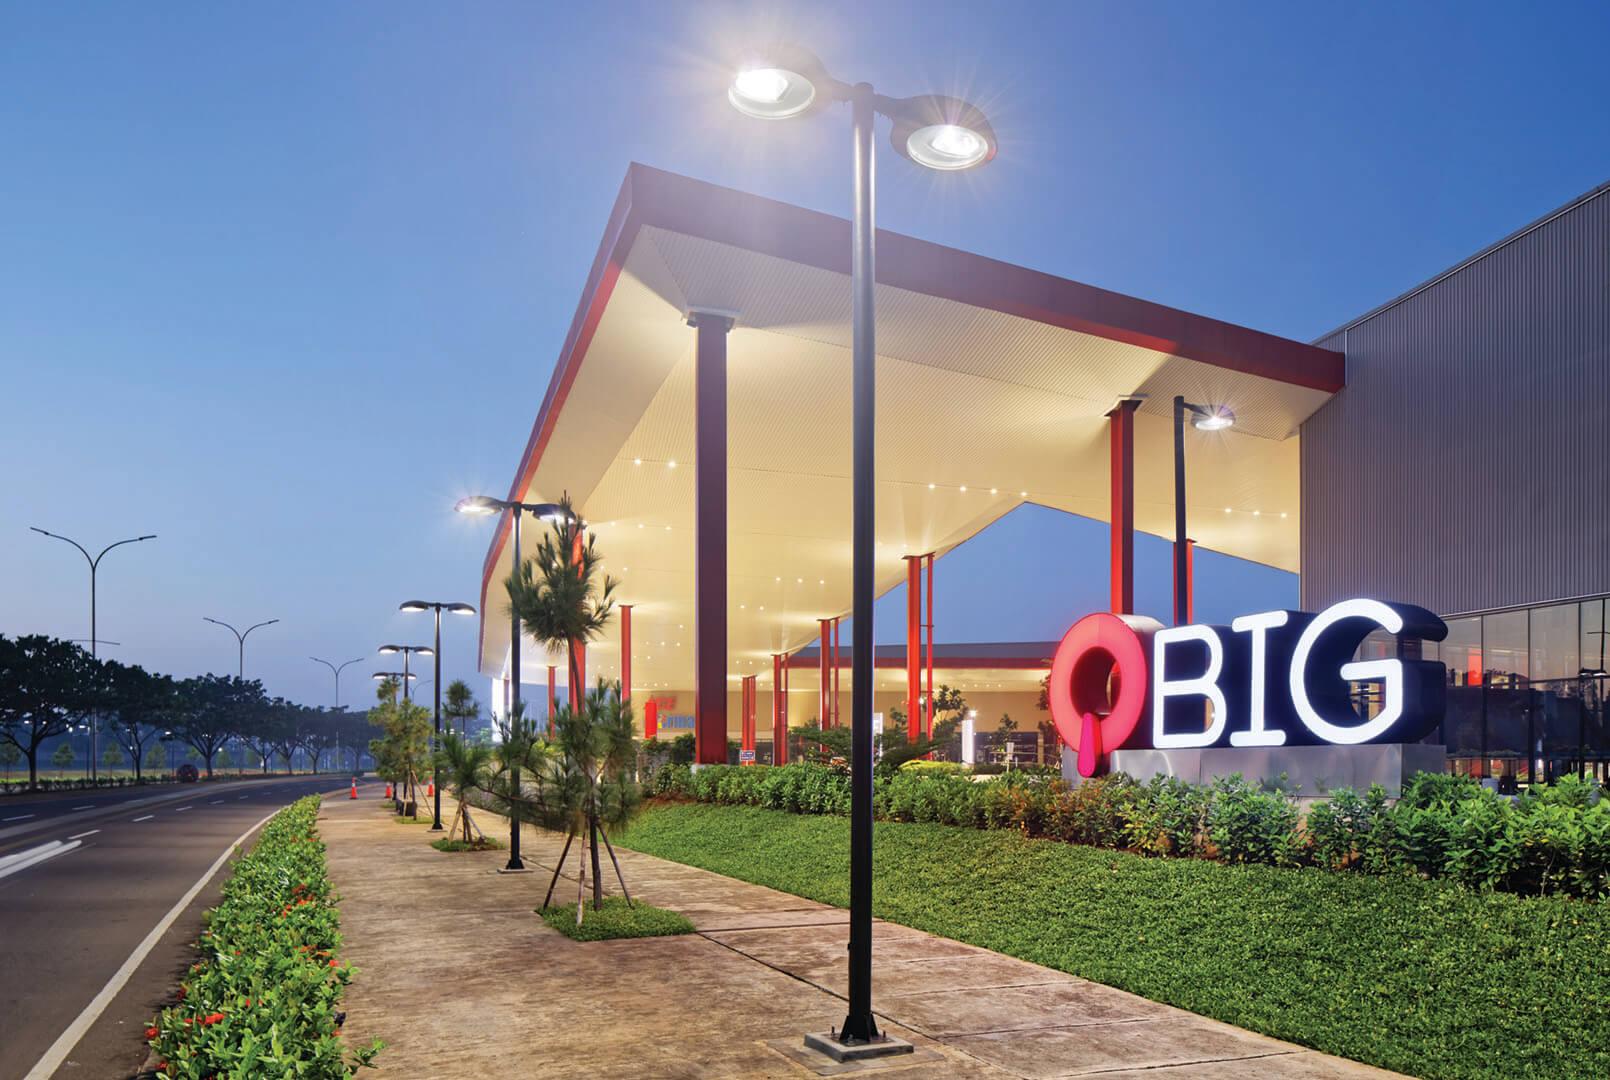 QBig BSD City